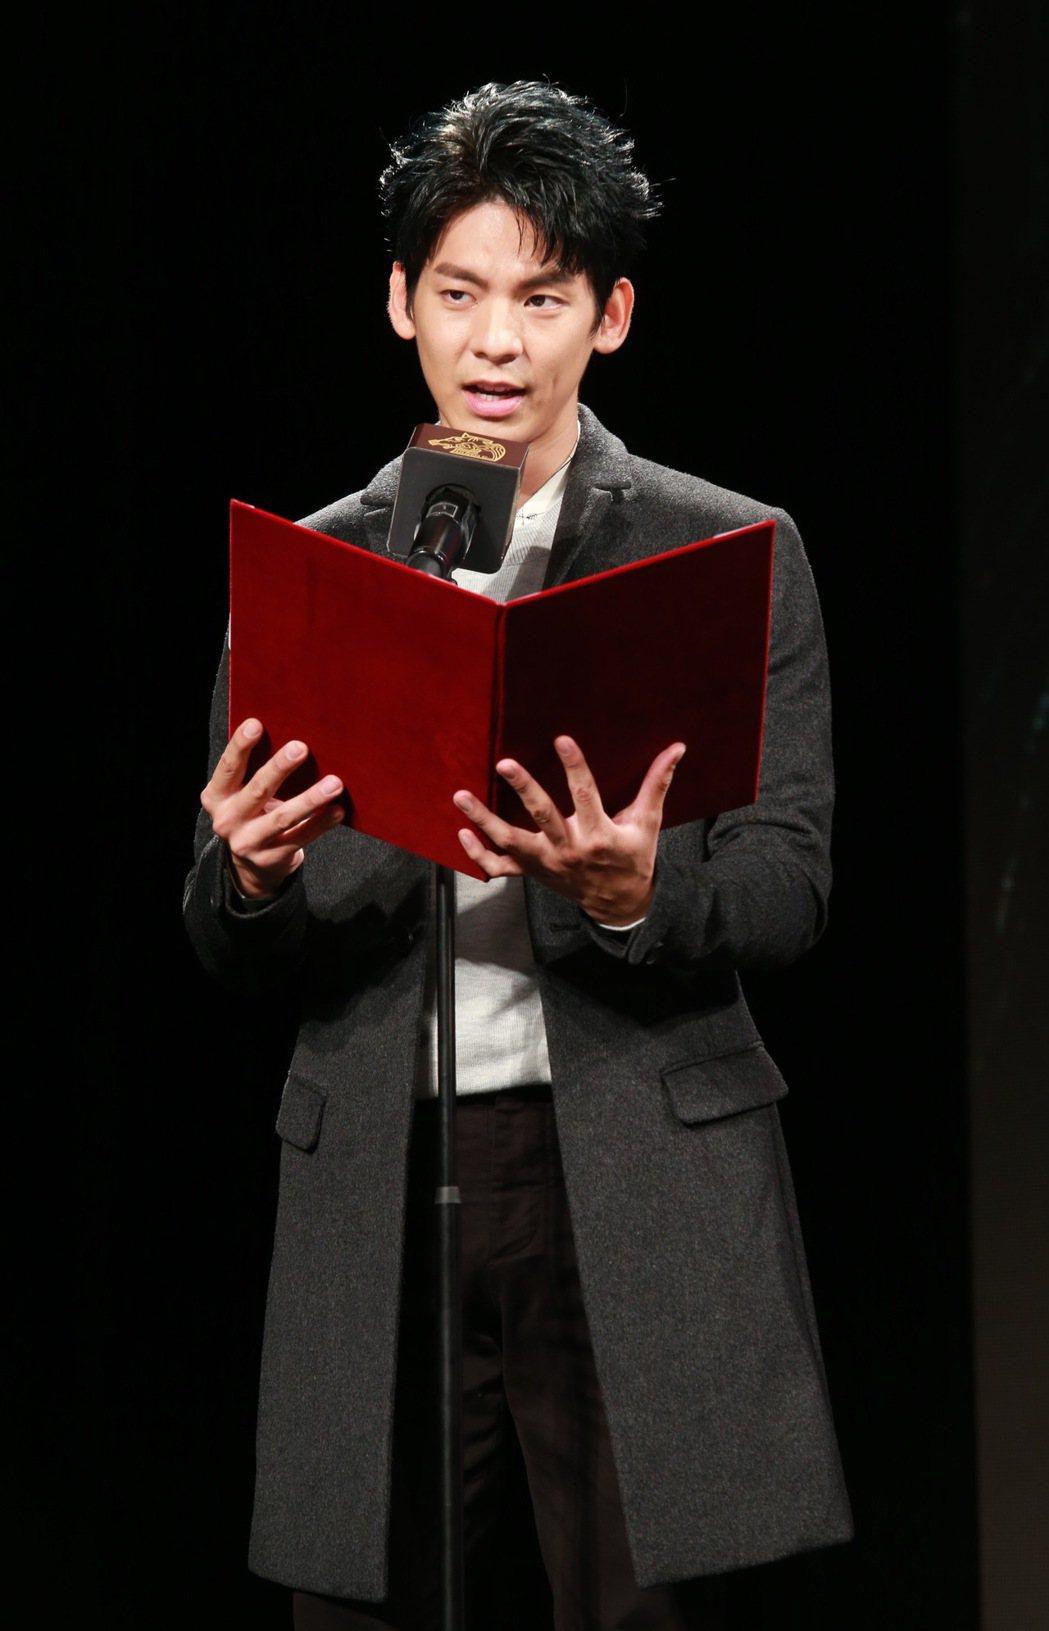 第53屆金馬獎最佳男配角林柏宏,負責揭曉54屆金馬入圍名單。記者黃義書/攝影